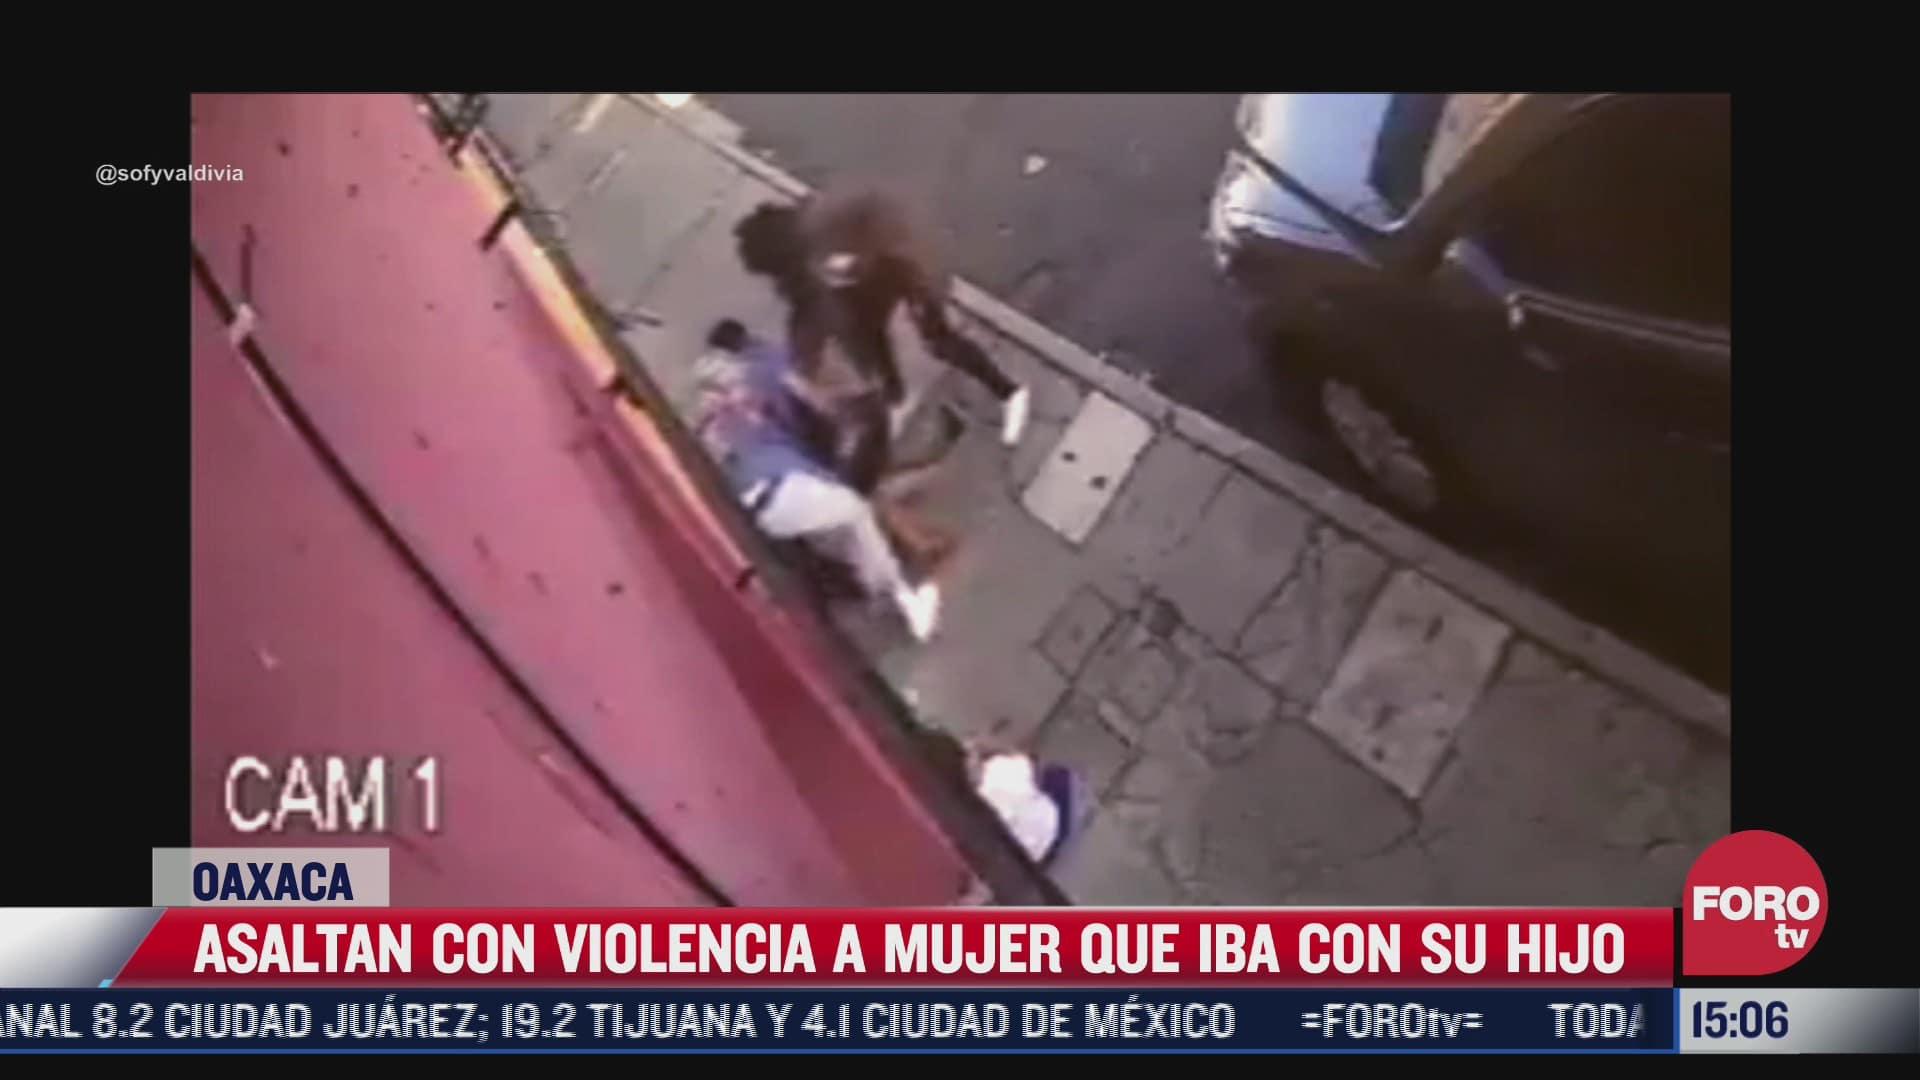 asaltan con violencia a mujer que iba con su hijo en oaxaca